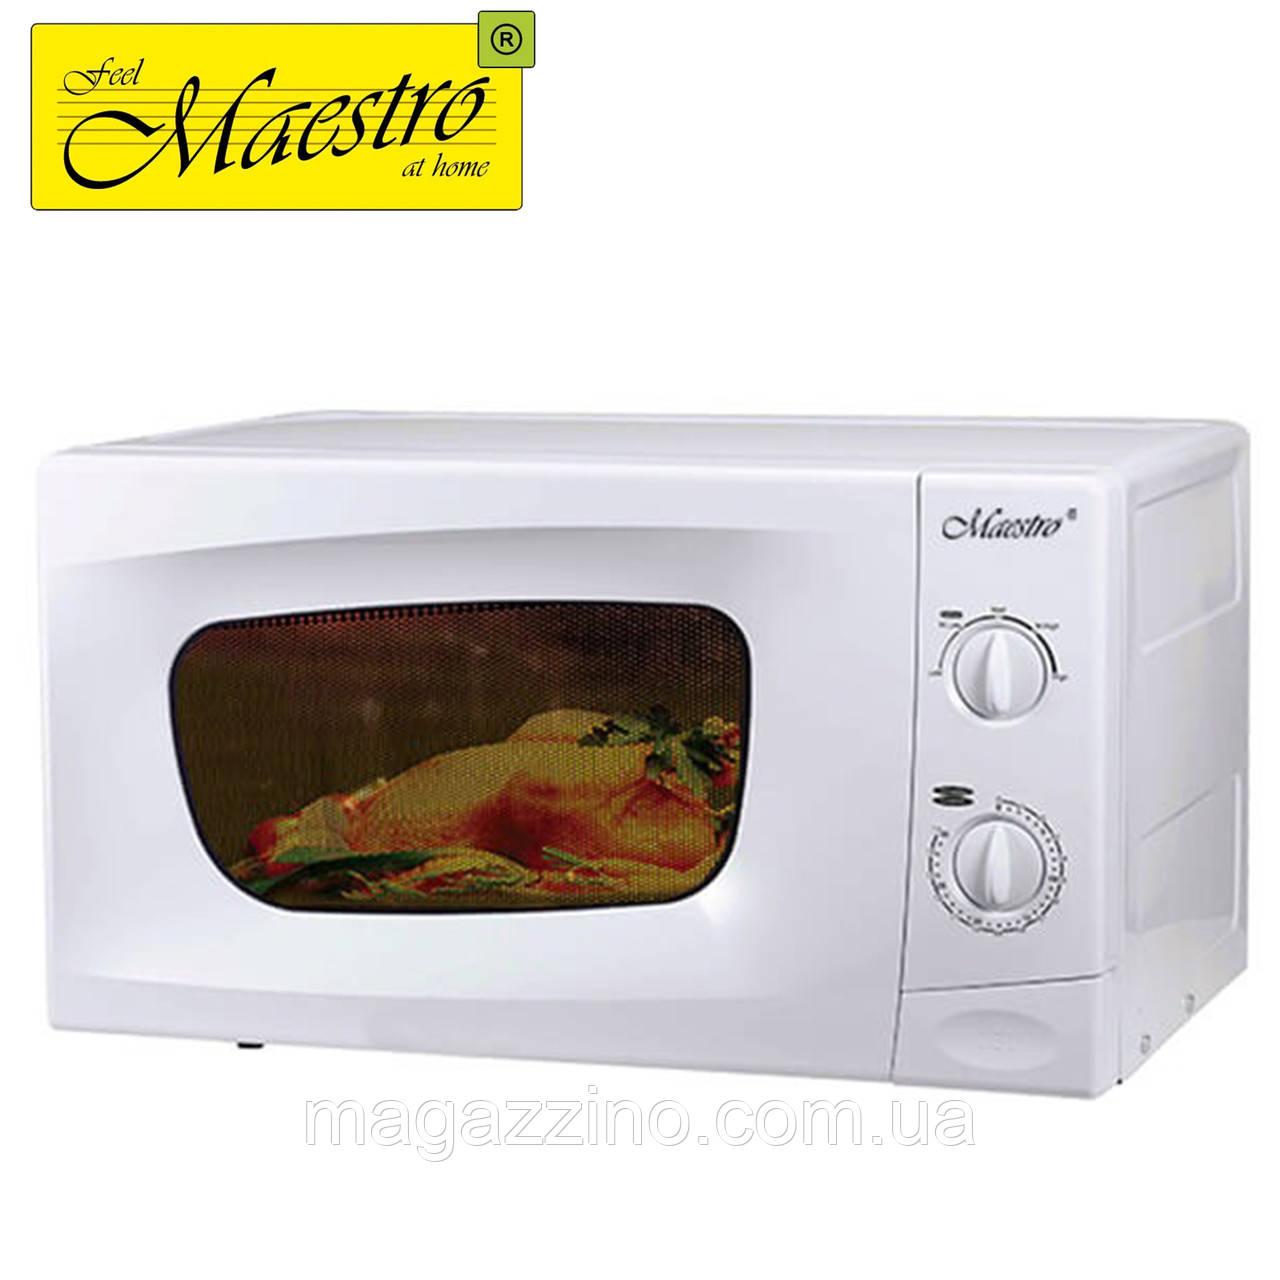 Микроволновая печь Maestro MR-730, 700 Вт., 20 л.